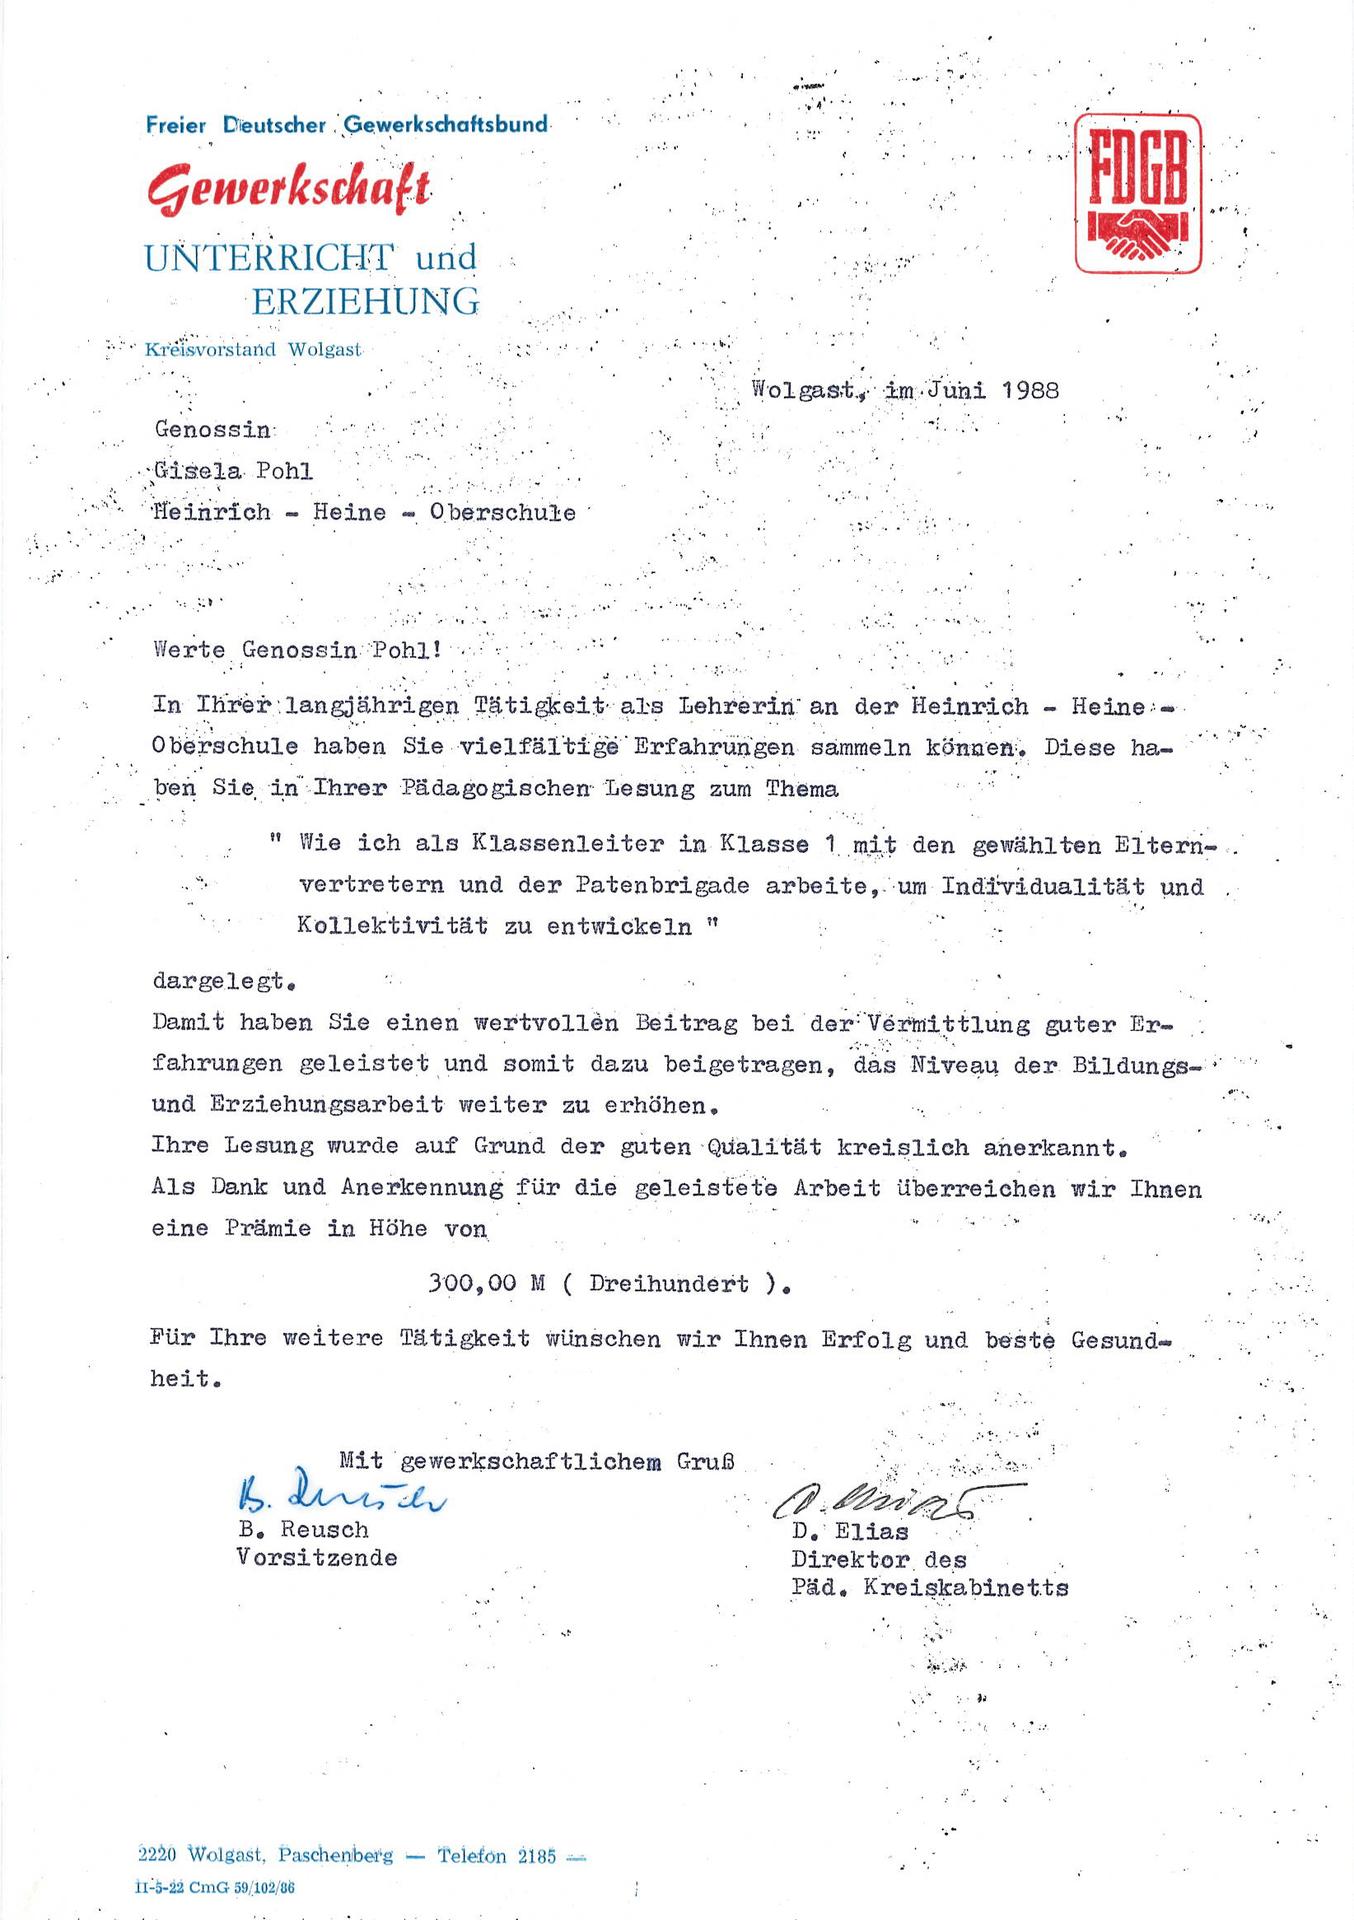 00003_Anschreiben PKK and Autorin Gisela Pohl vom Juni 1988.jpg